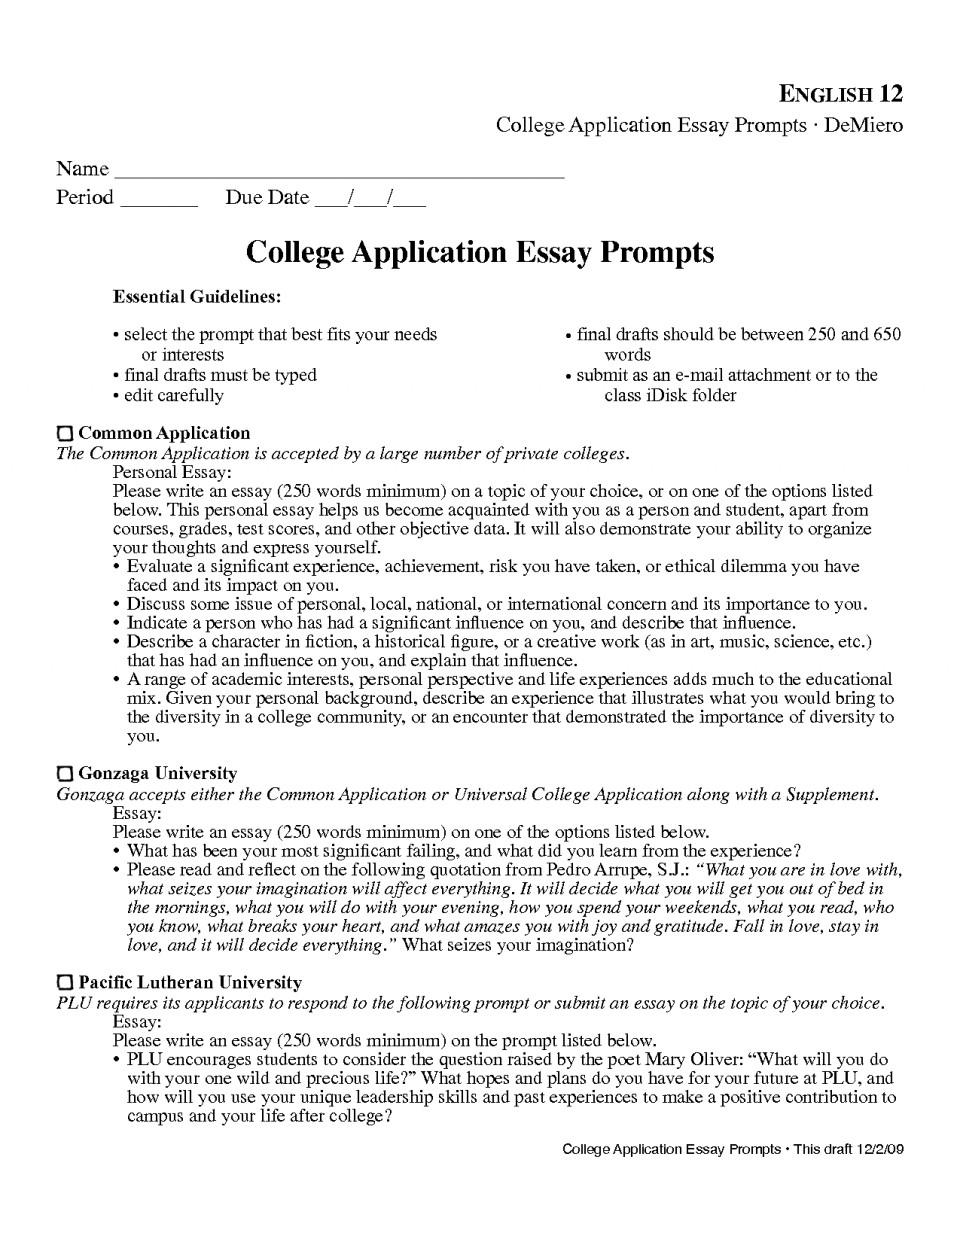 002 Using Quotes In College Essays Quotesgram Prompts L Essay Example Incredible Topics Ideas Common App Argumentative 960